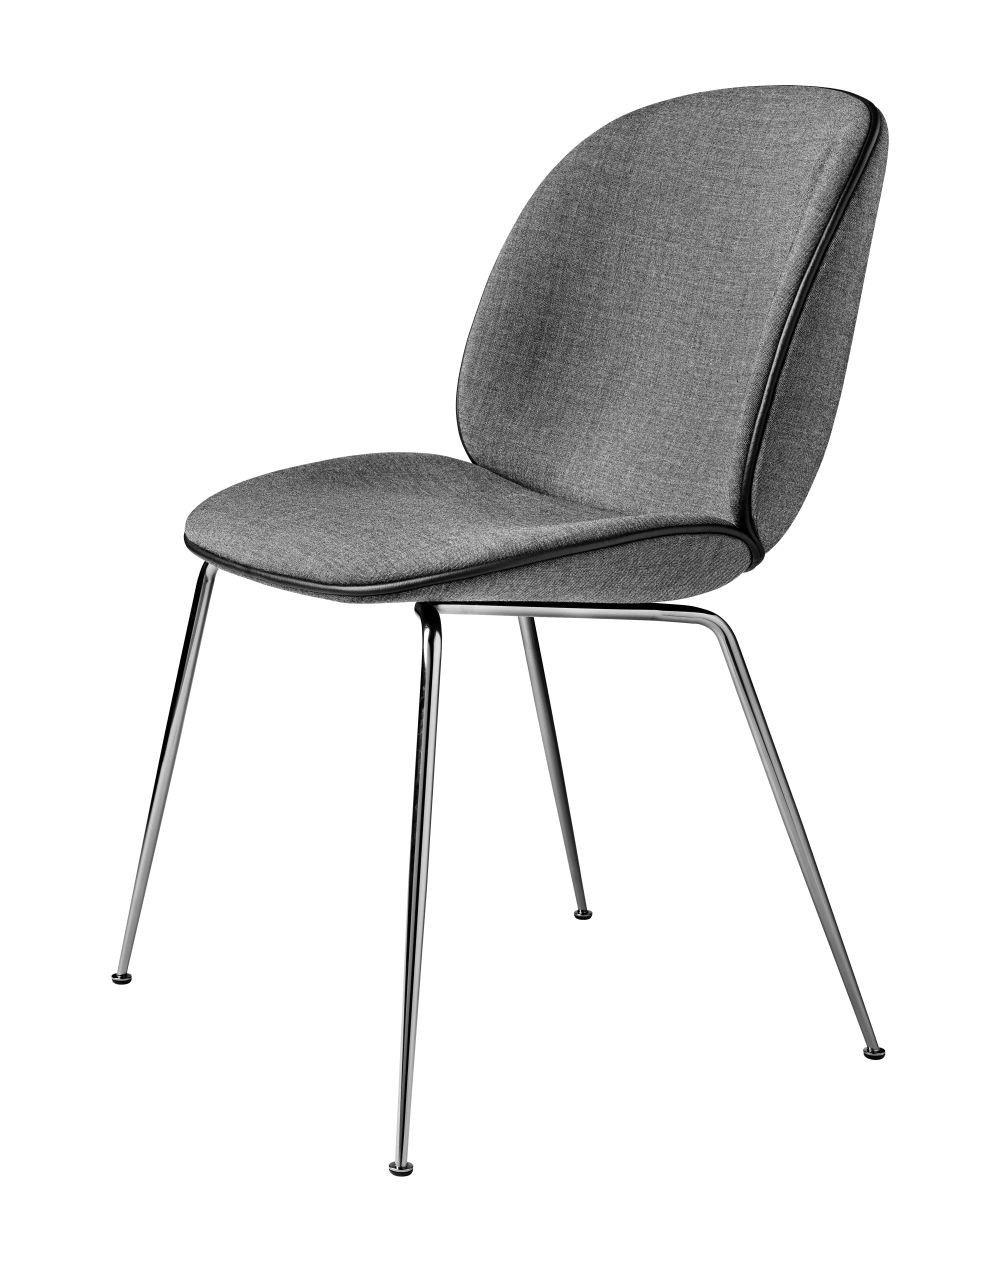 Gubi Beetle Chair - Chrome Base | mintroom.de #Gubi #mintroom #shop ...